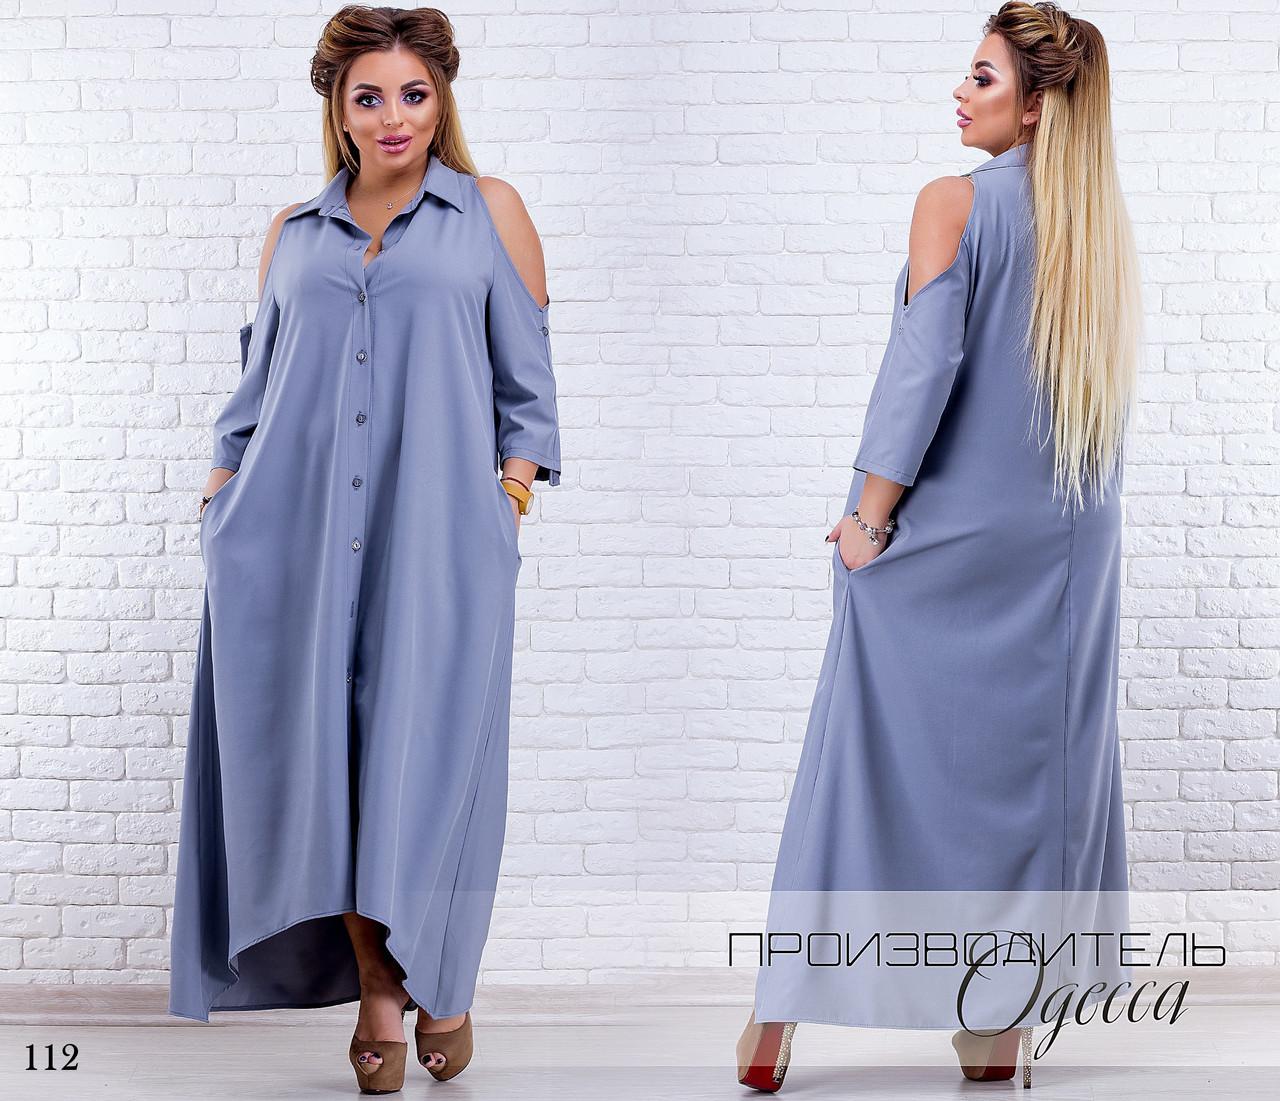 Платье-рубашка длинное с карманами плечи разрезы костюмка 48,50,52,54